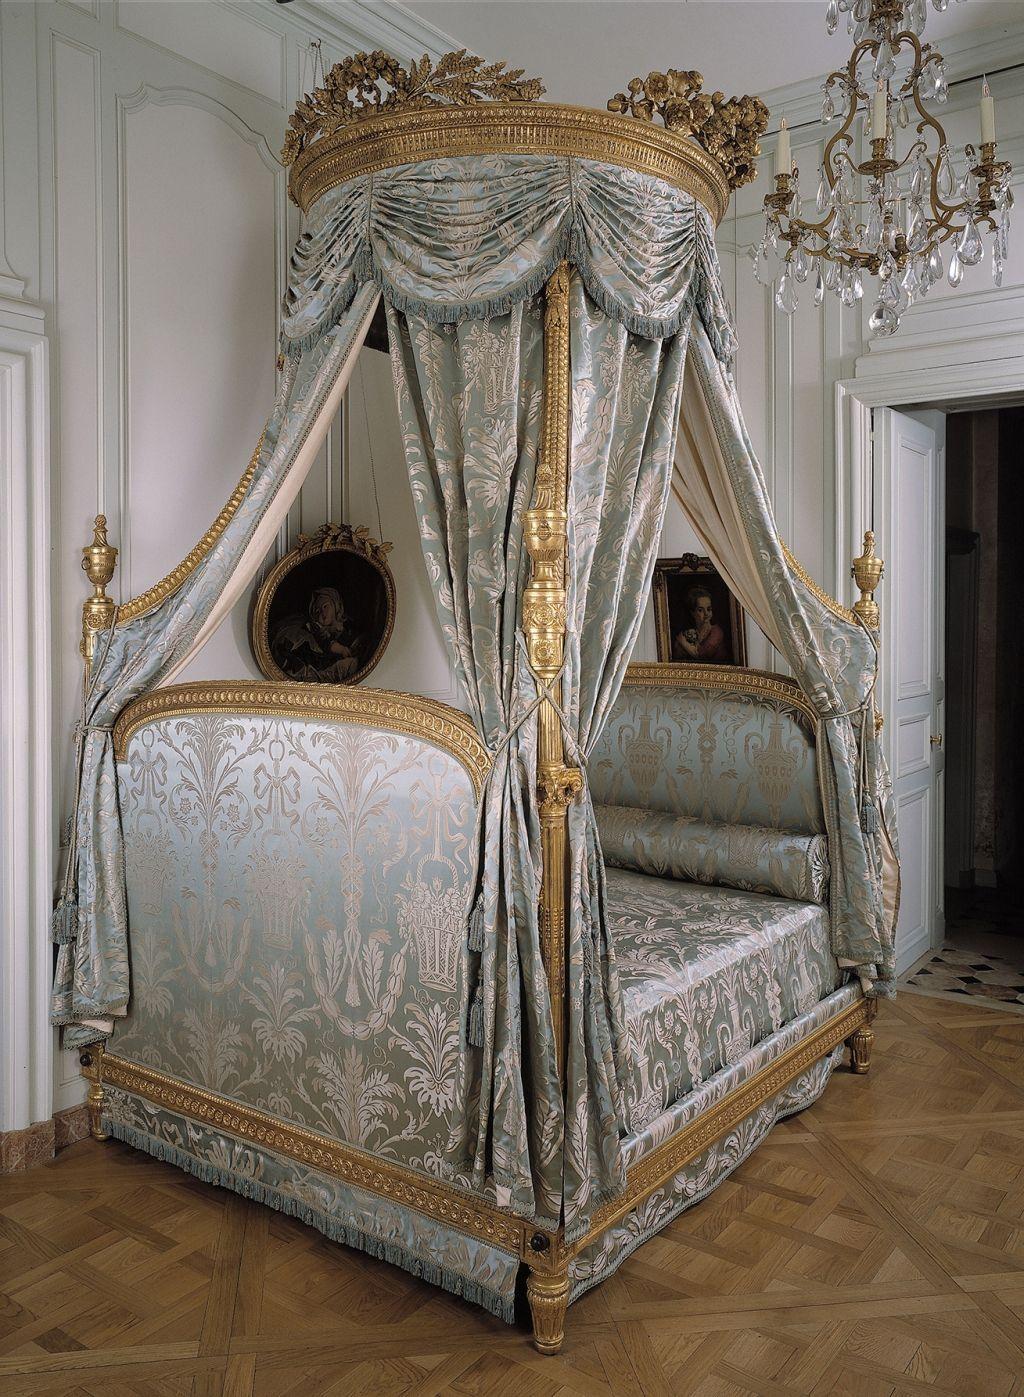 lit la polonaise mus e cognacq jay chambres pinterest polonais mus es et lits. Black Bedroom Furniture Sets. Home Design Ideas